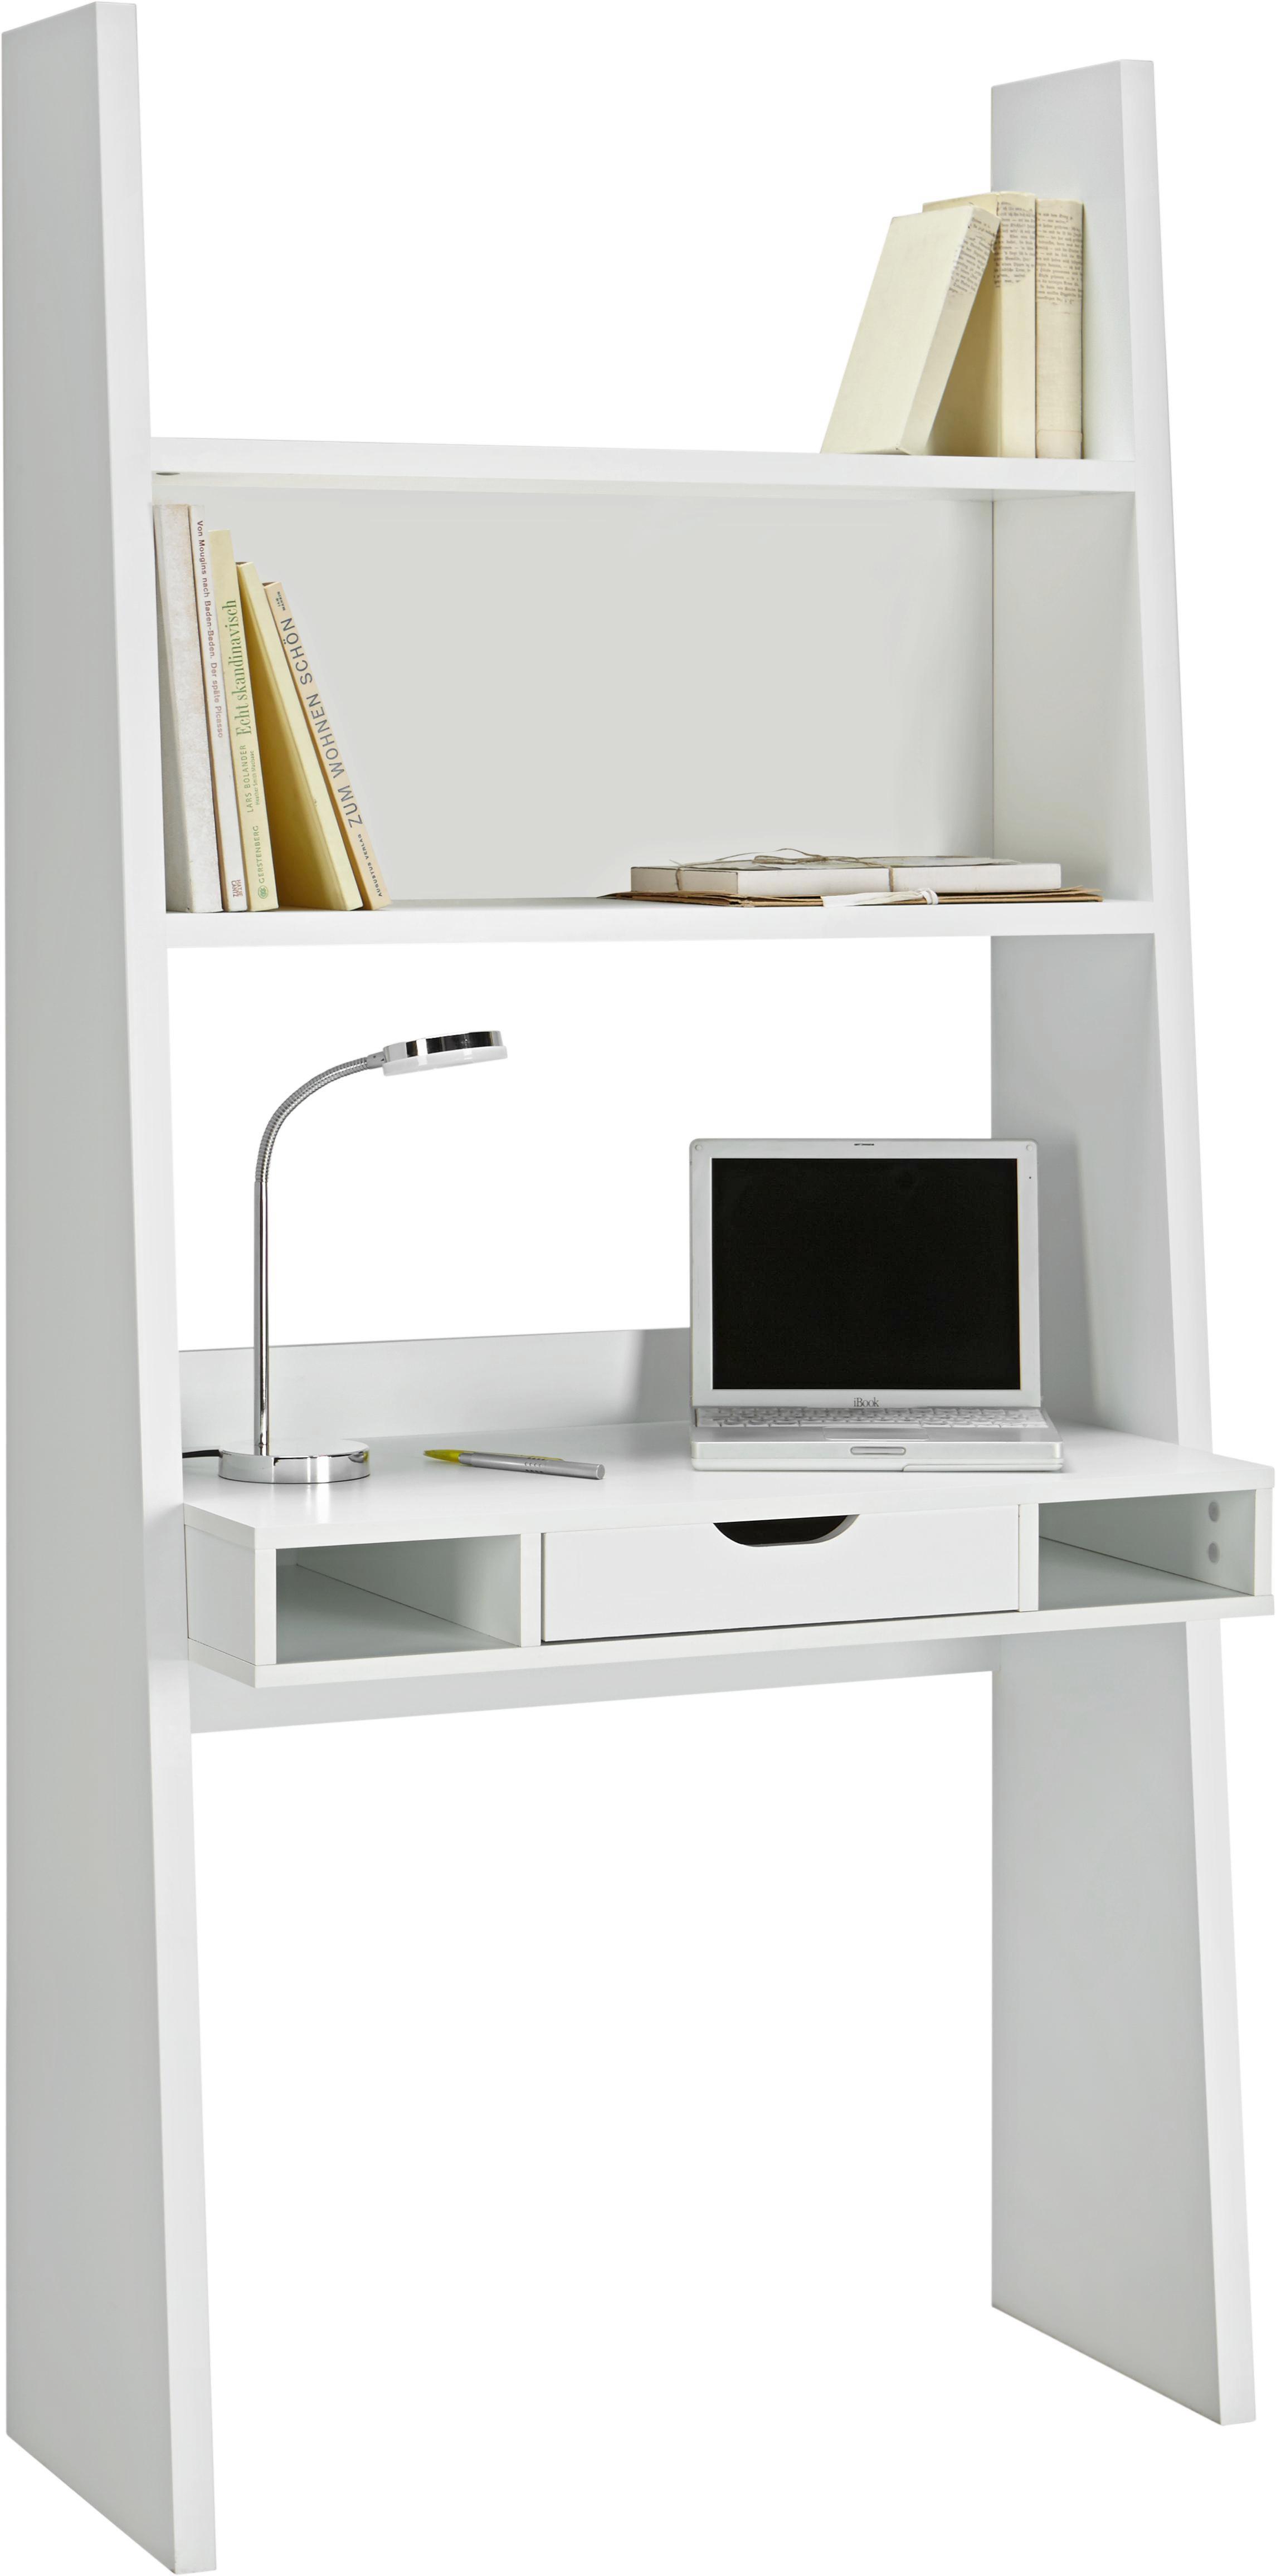 Blickfang Schreibtisch Weiß Groß Referenz Von